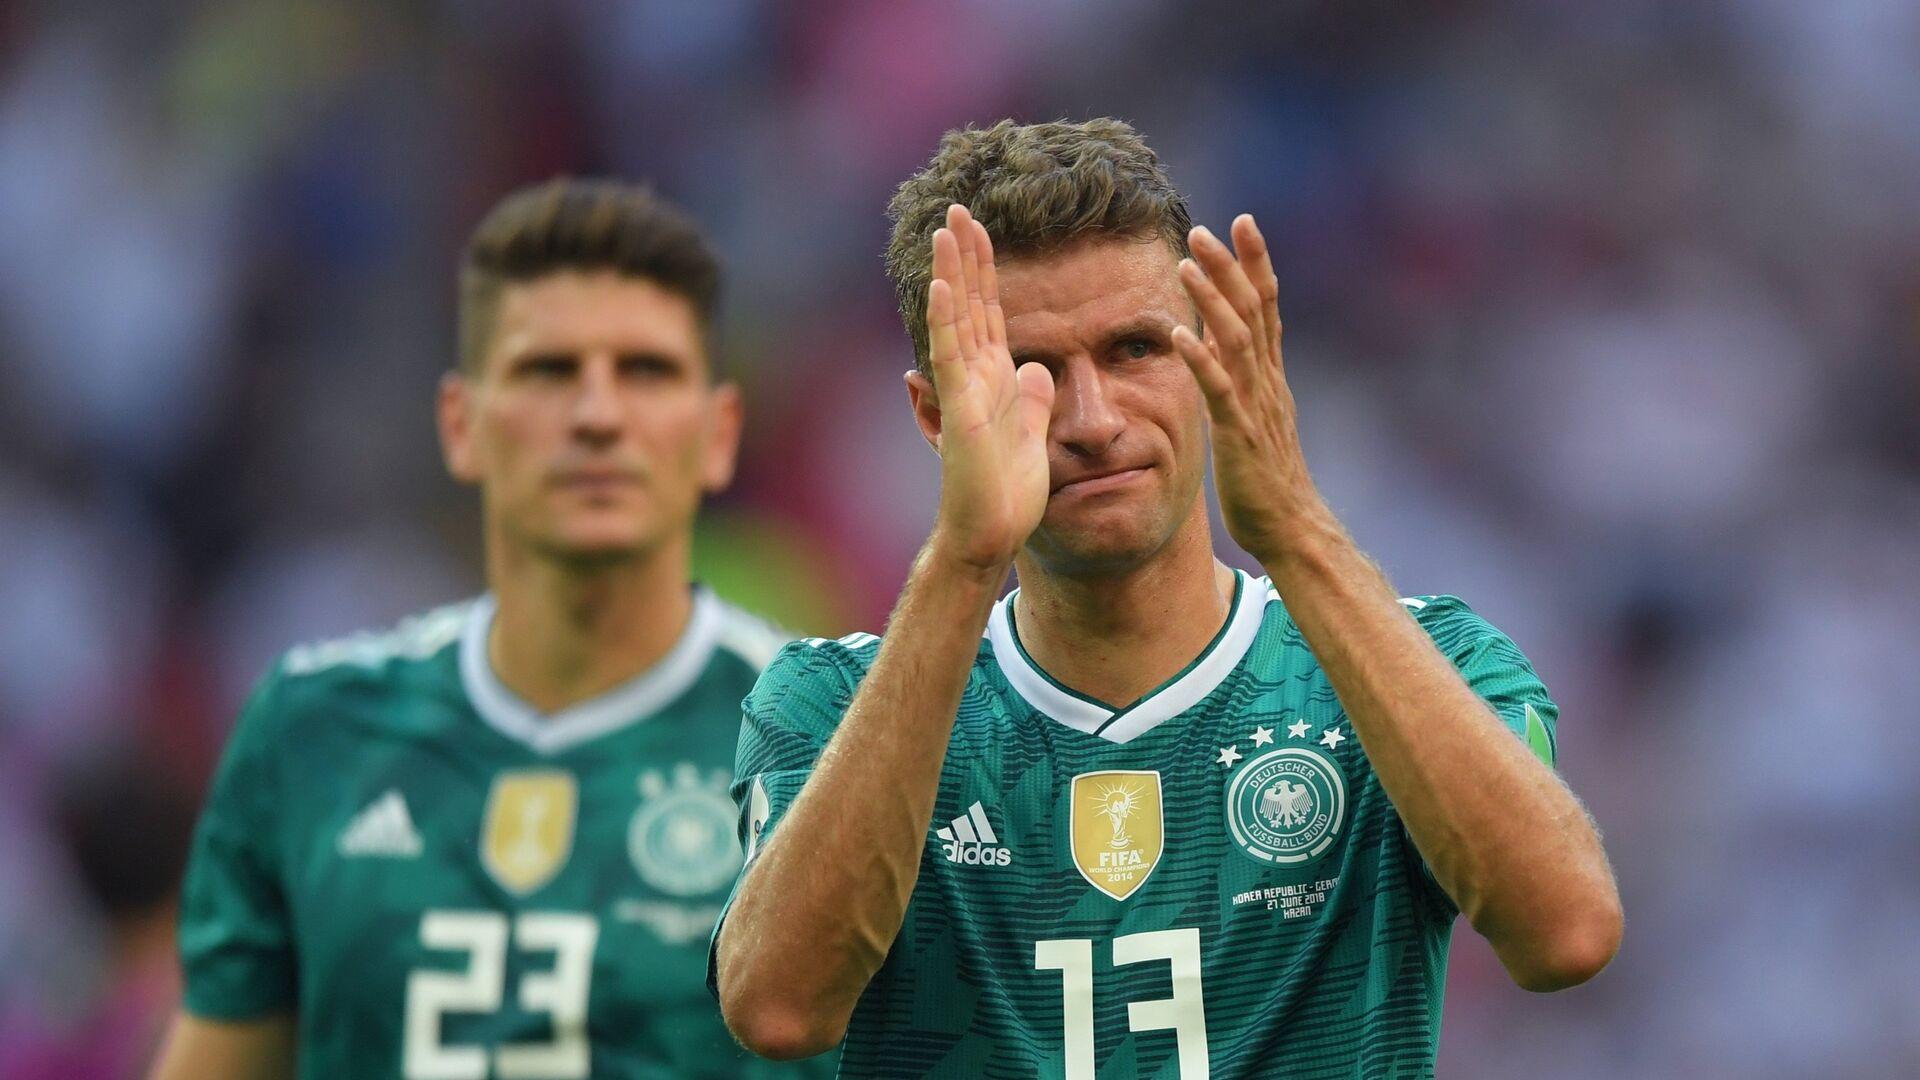 Футболисты сборной Германии Марио Гомес и Томас Мюллер (слева направо) - РИА Новости, 1920, 17.05.2021